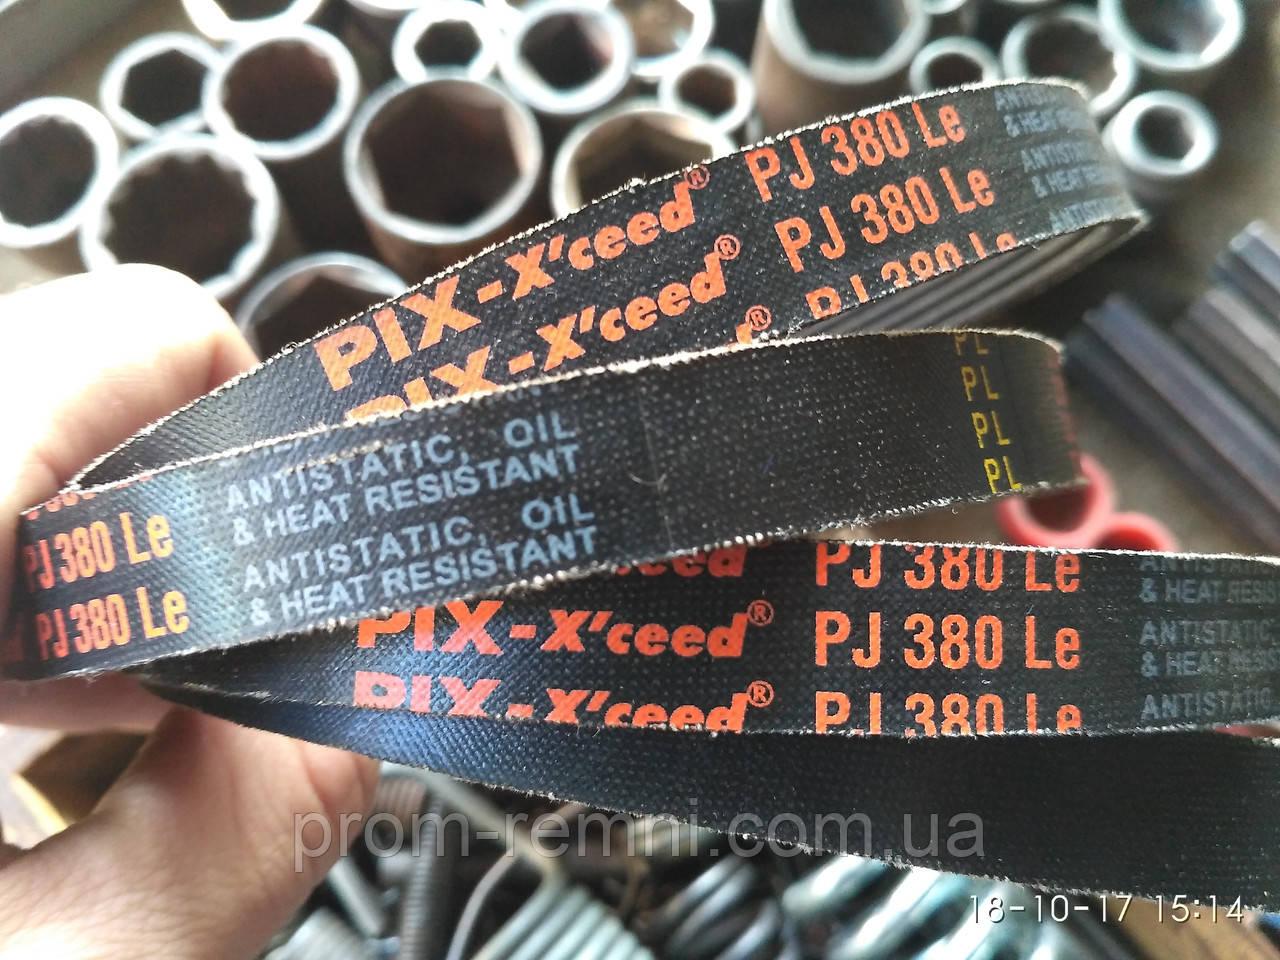 Приводной ремень для электроинструмента 6PJ-380 Pix